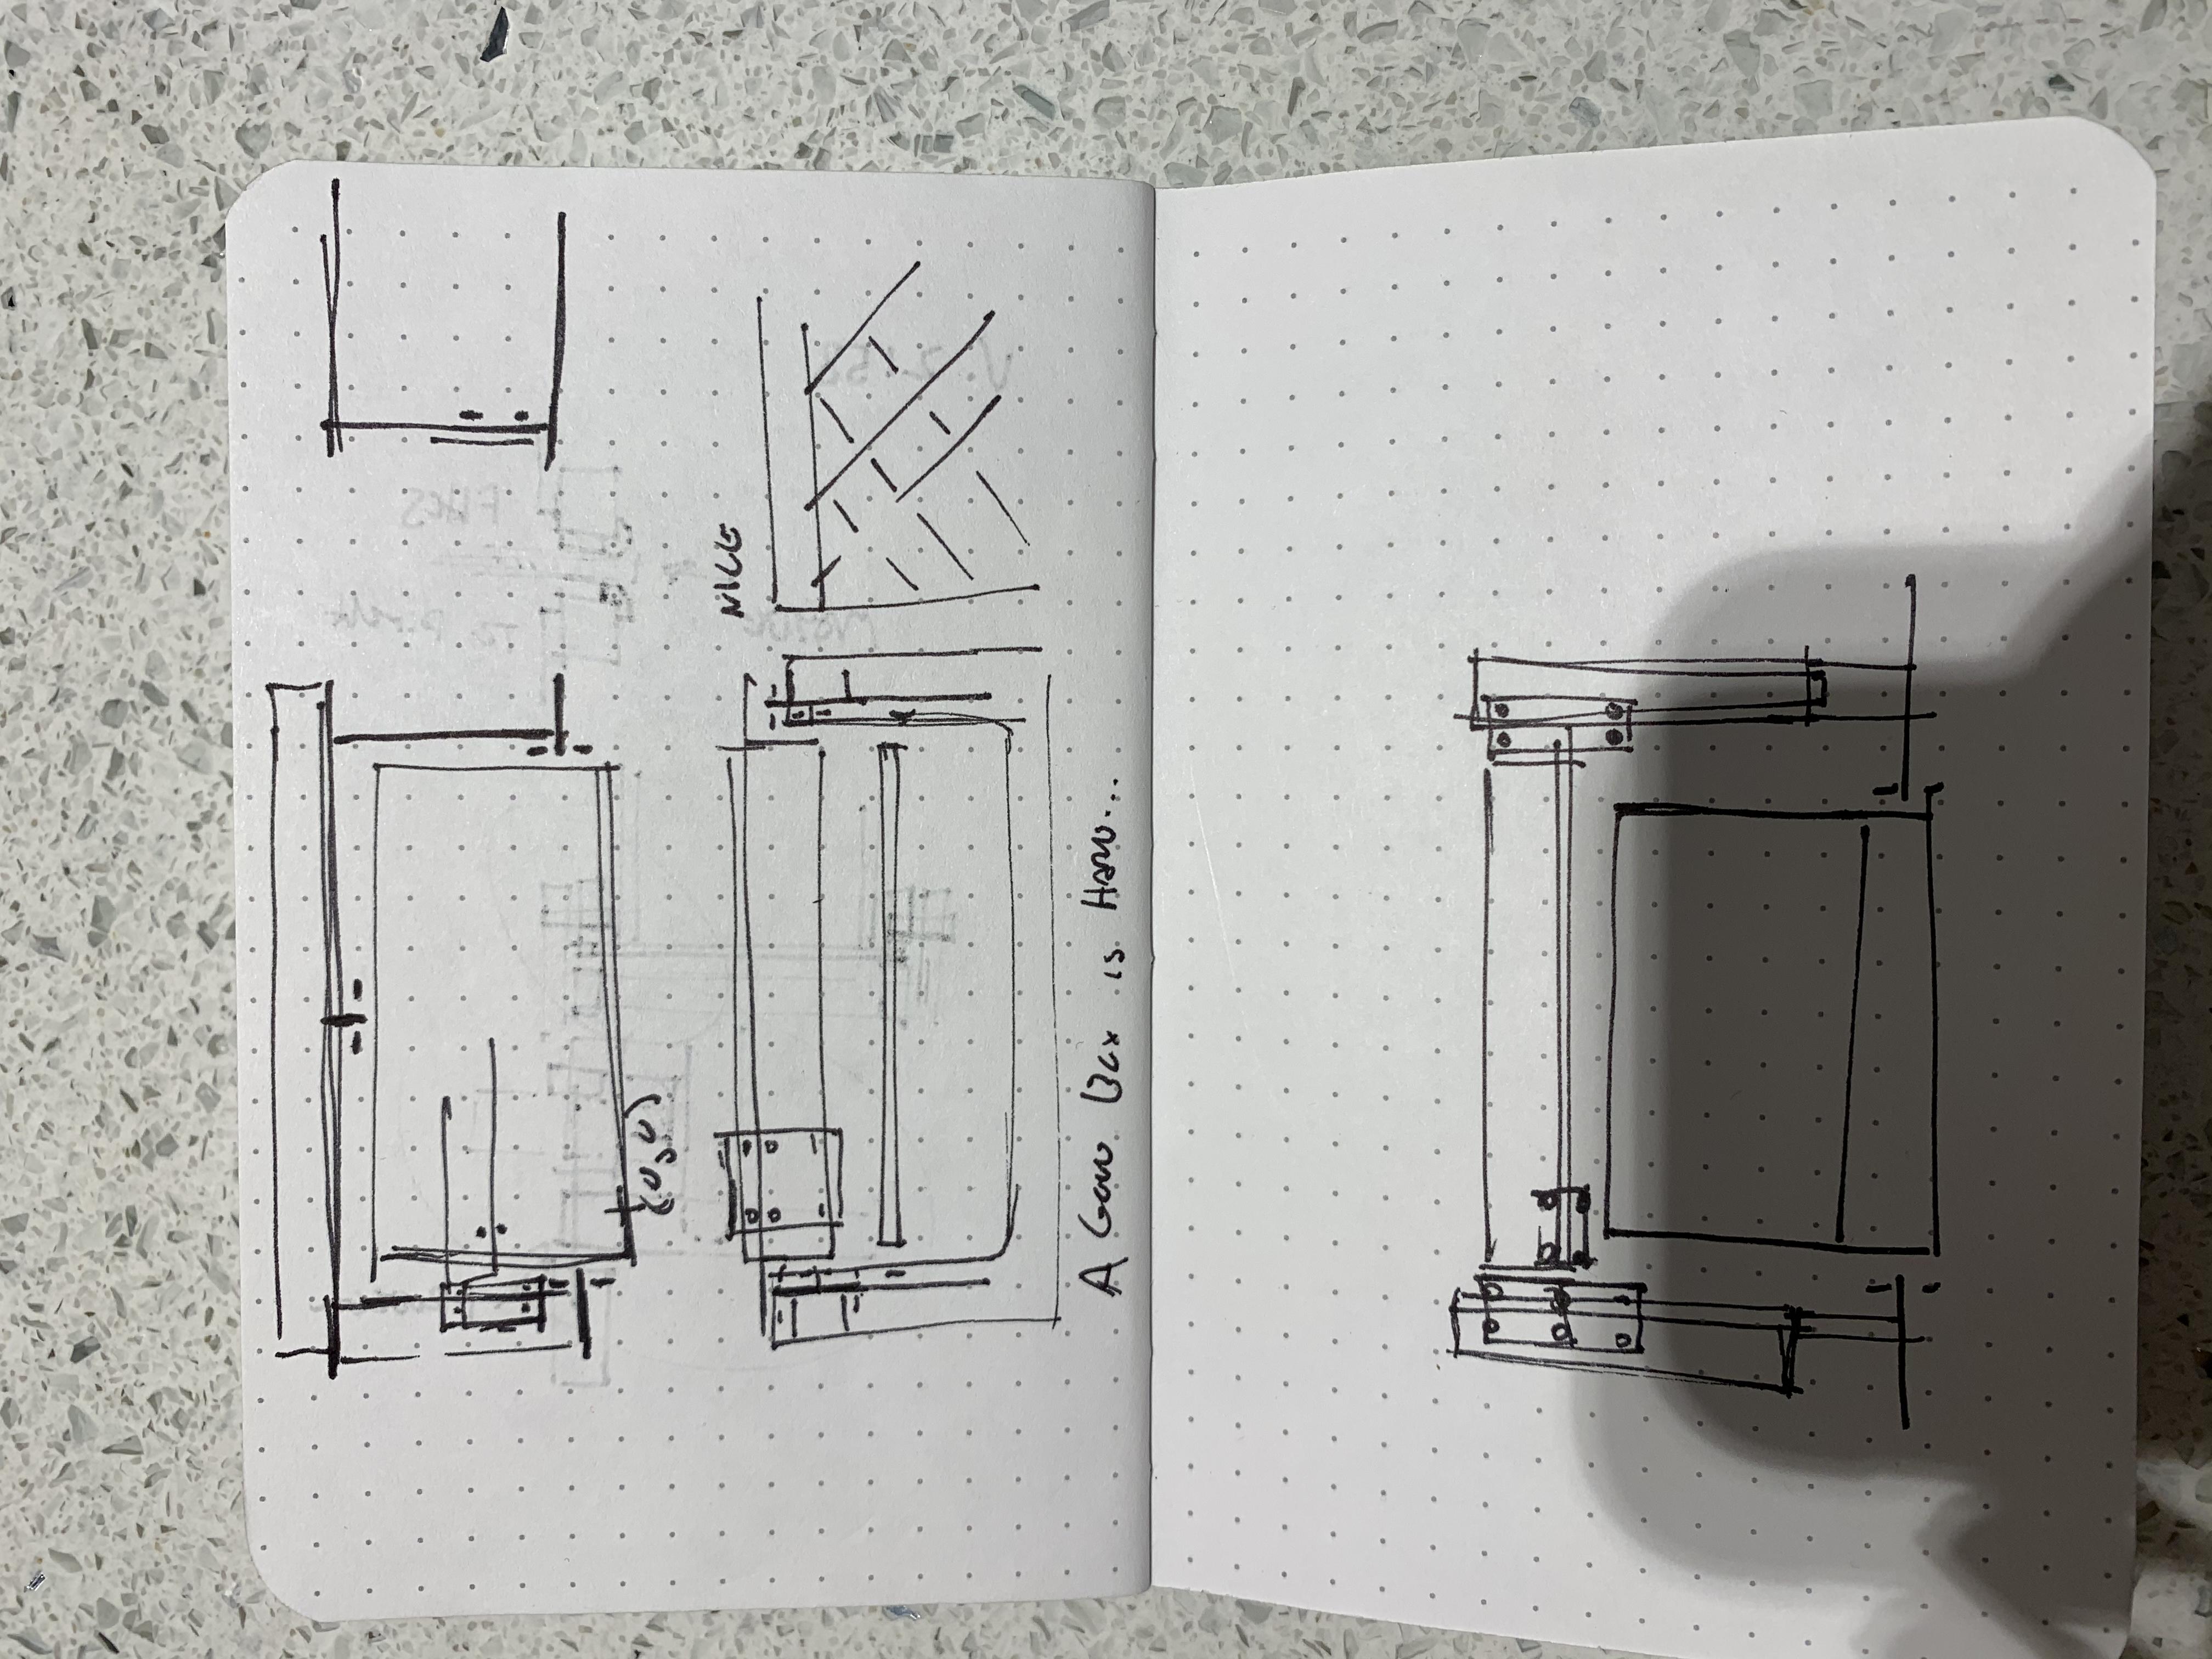 log/2019-12-29_lug-machine.jpg